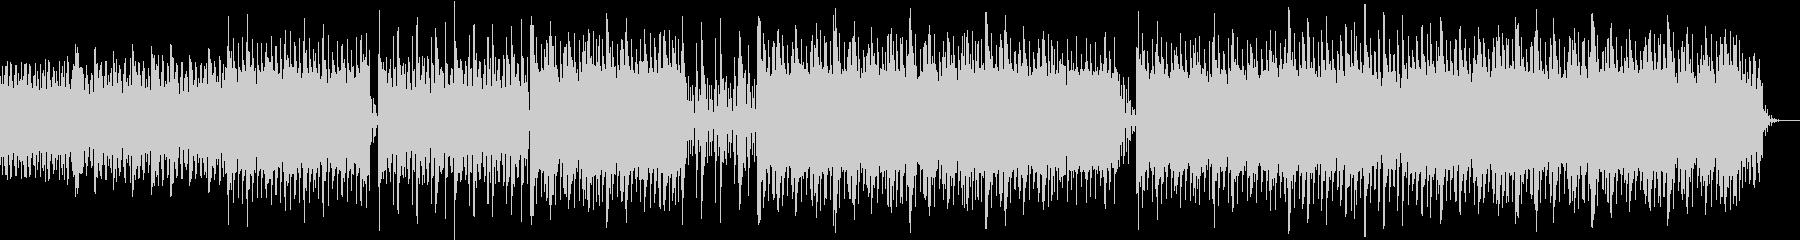 透明感のある ヒーリング ミニマルピアノの未再生の波形